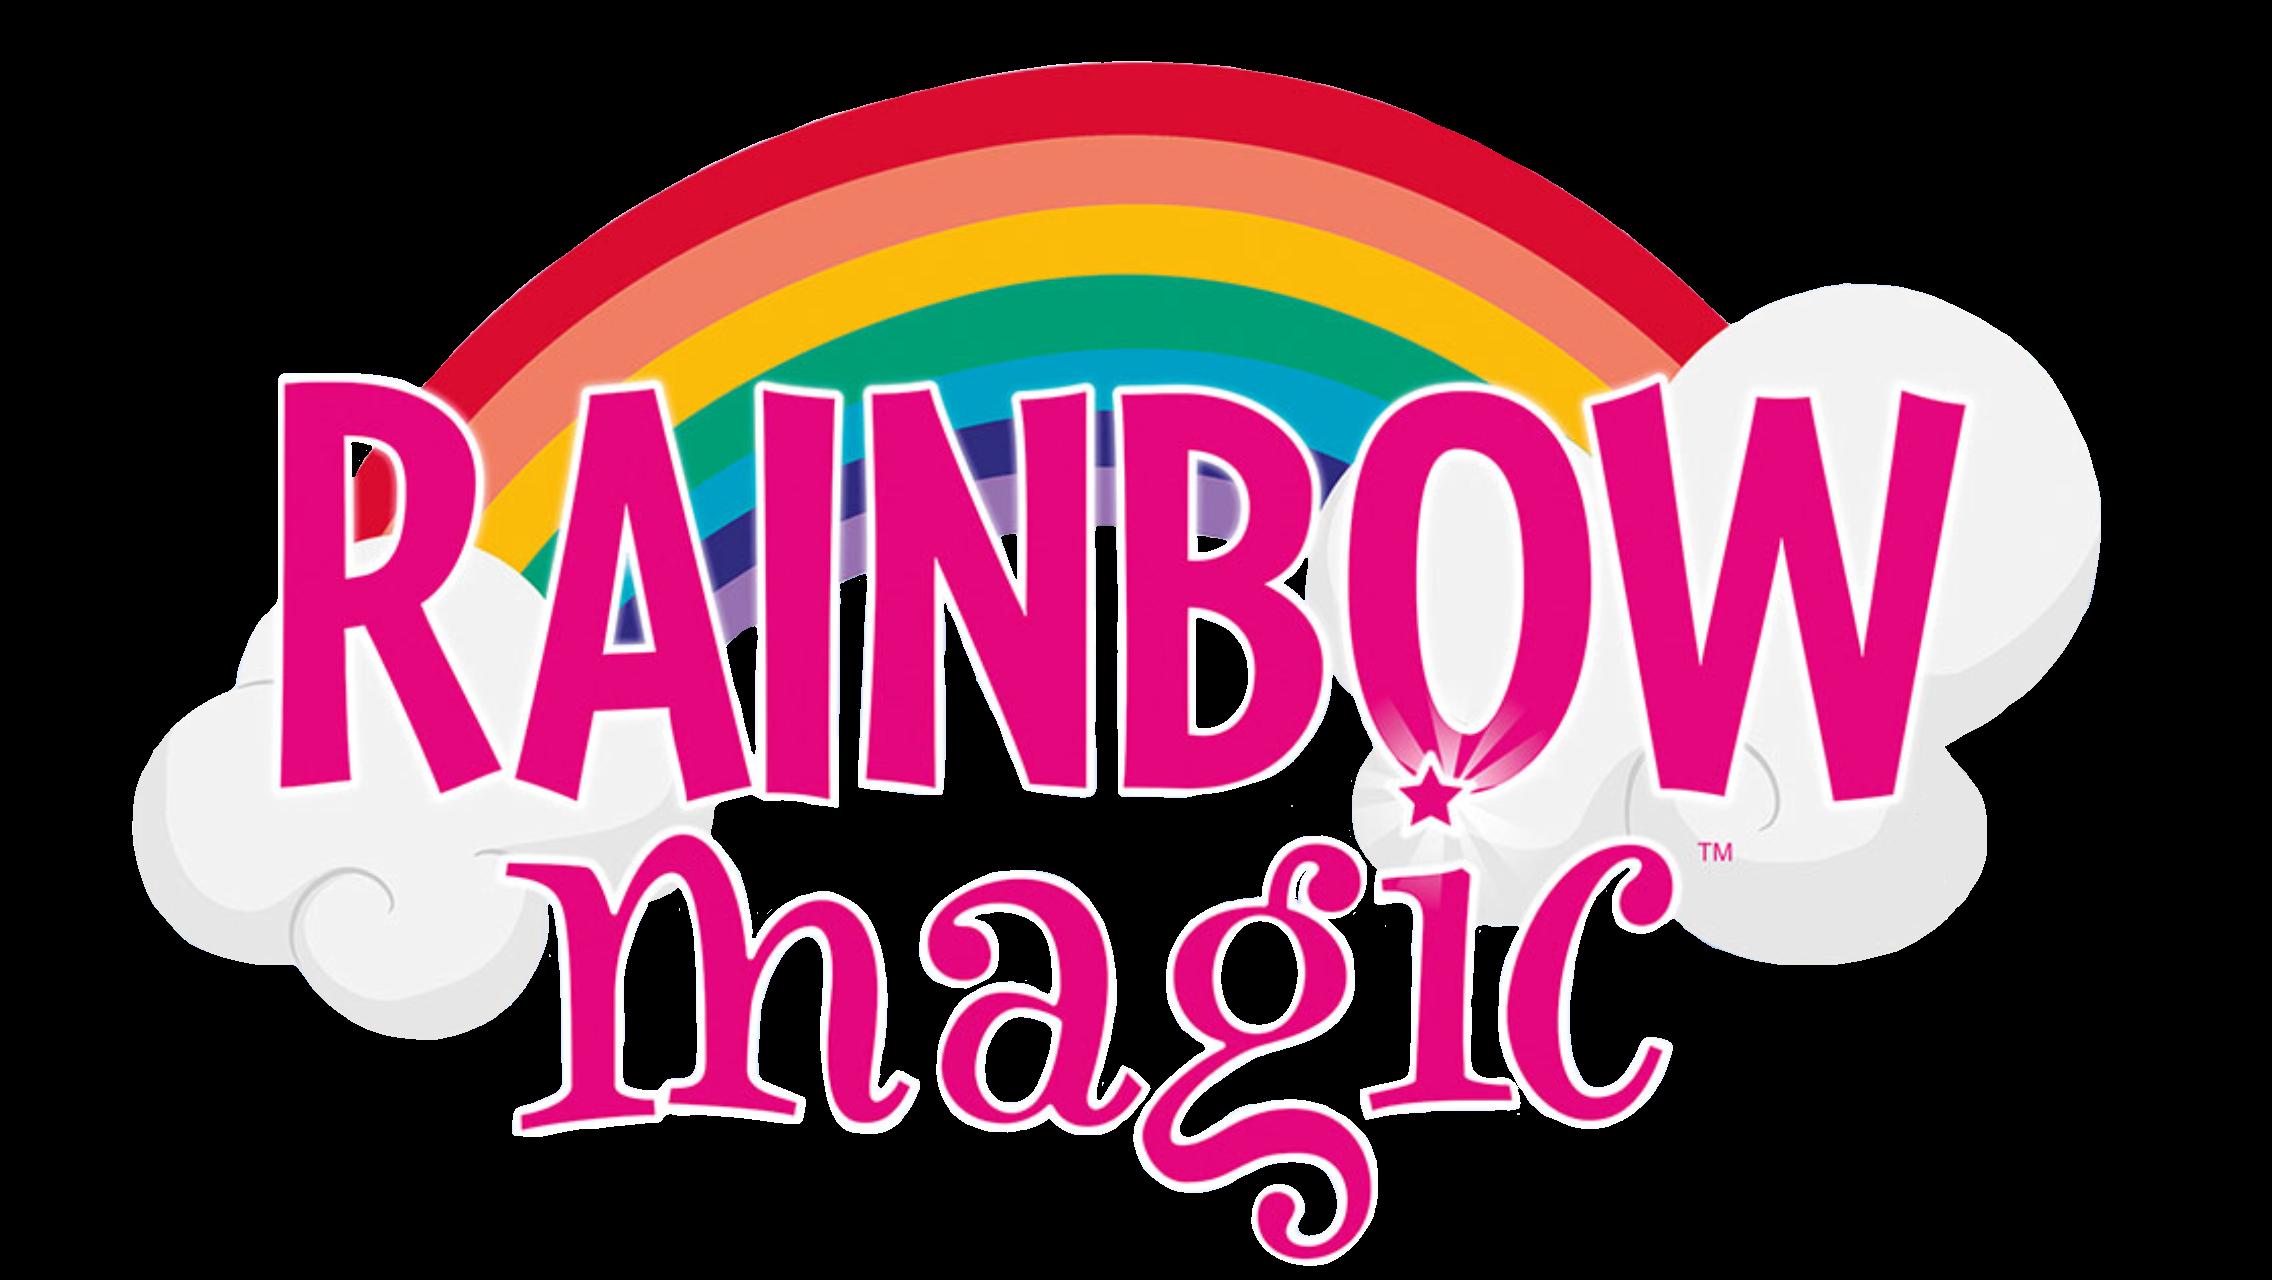 Respect clipart many friend. Funfair fairies rainbow magic